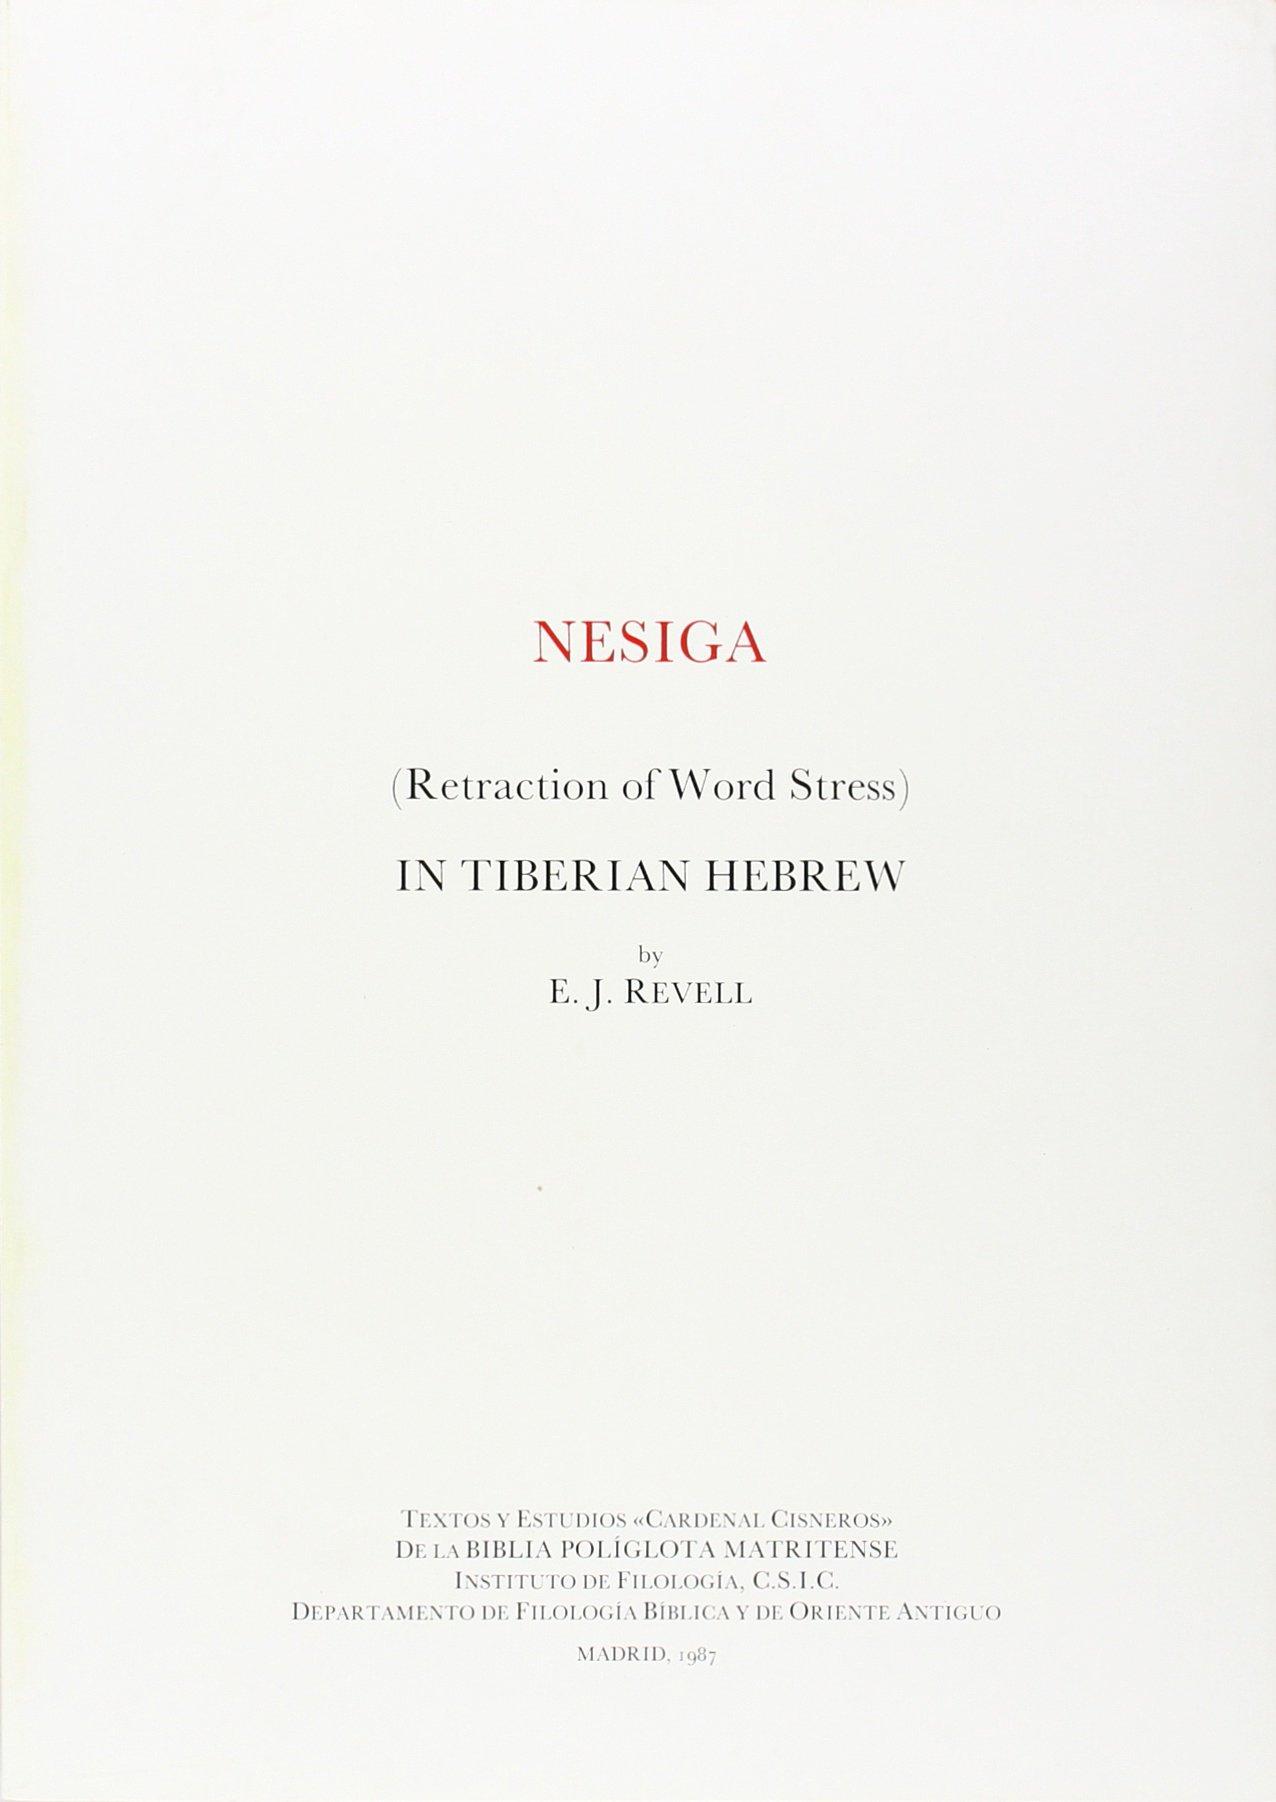 Nesiga retraction of word stress in tiberian hebrew Textos y Estudios Cardenal Cisneros: Amazon.es: Revell, E.J.: Libros